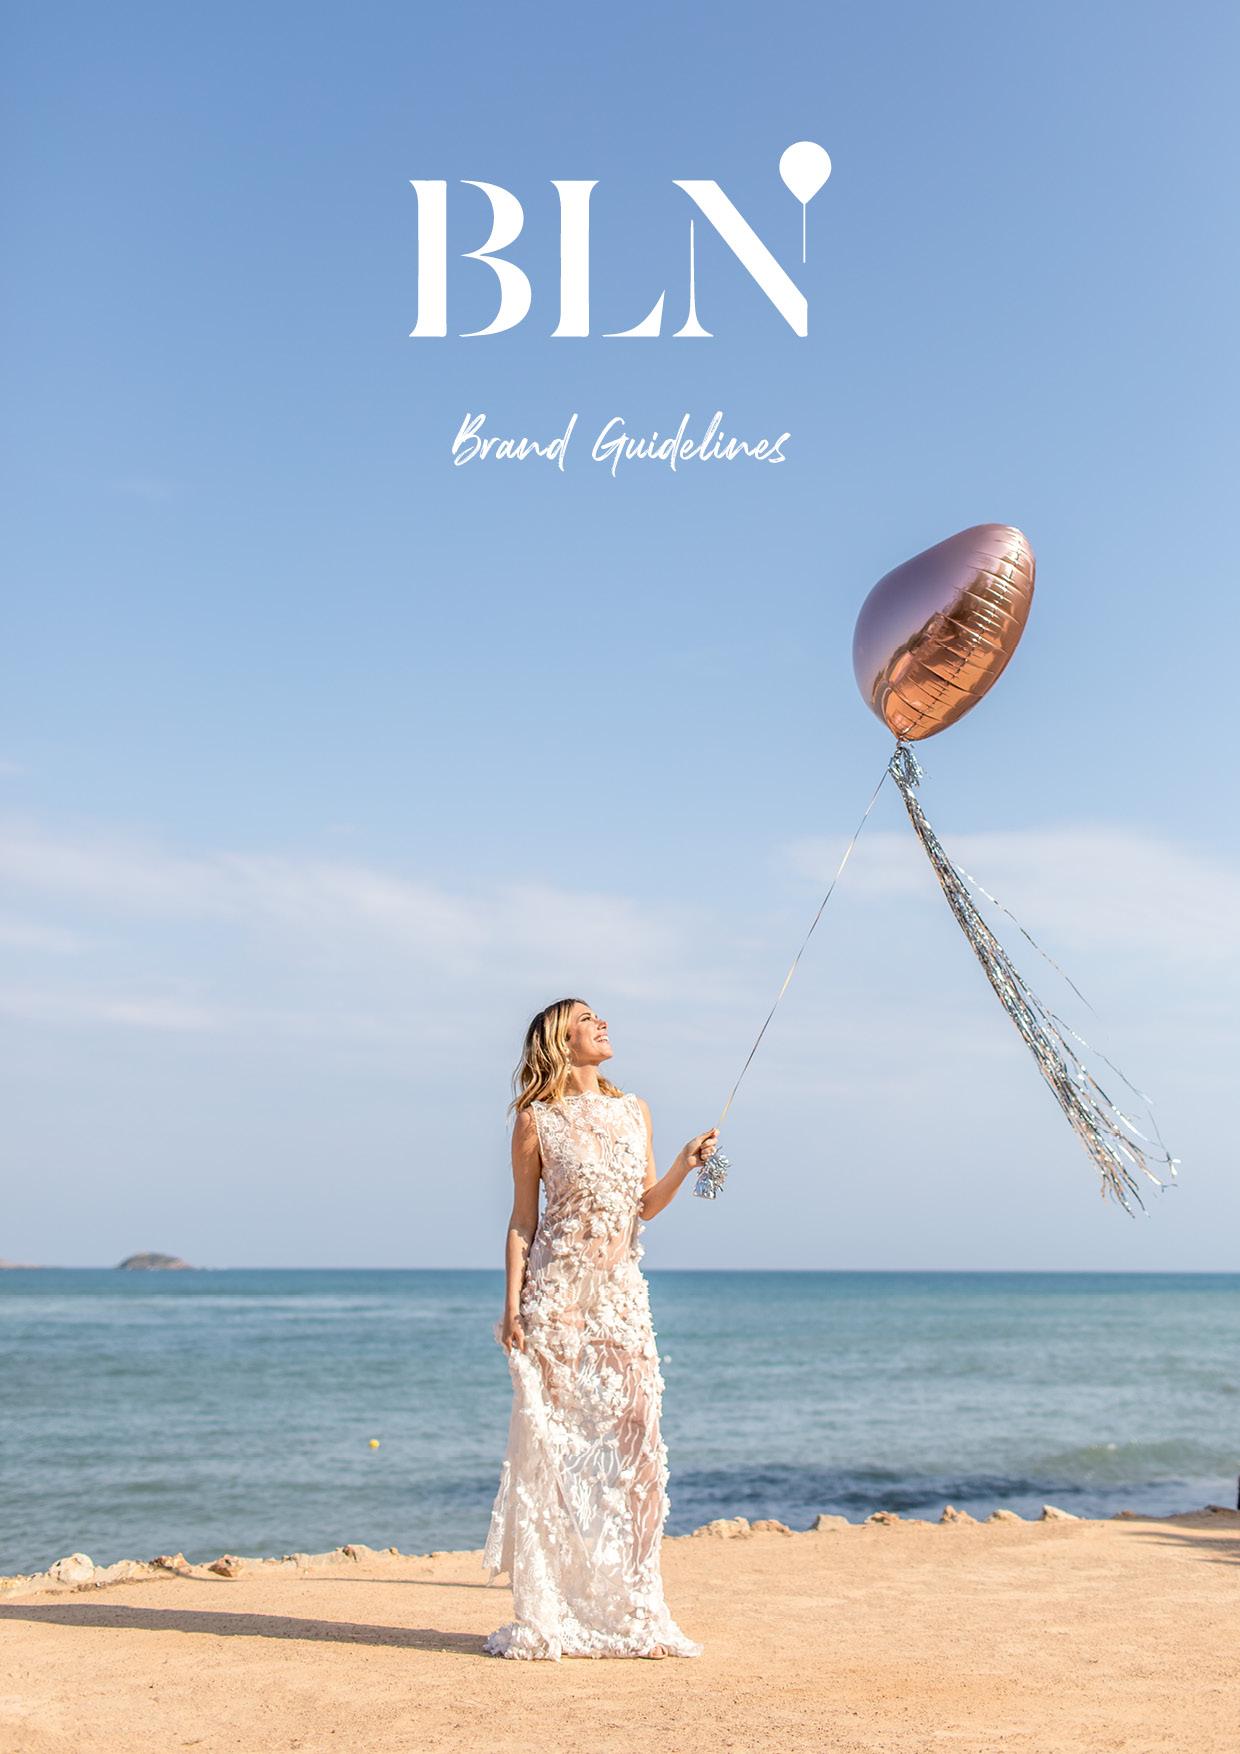 BLN-BrandGuidelines.jpg